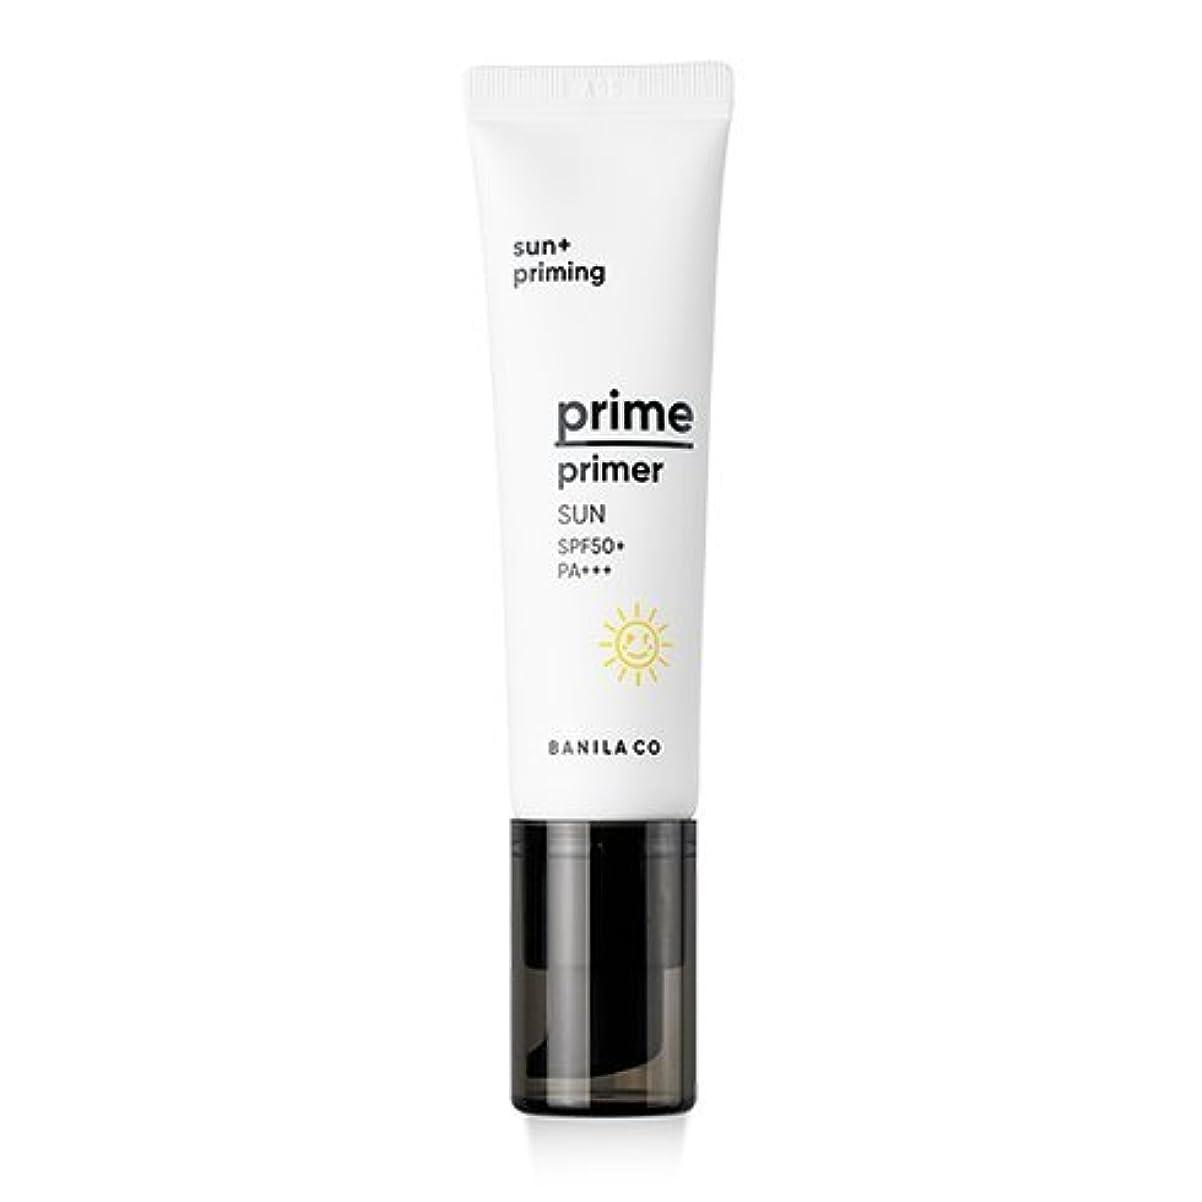 言語学コメントバラエティ[Renewal] BANILA CO Prime Primer Sun 30ml/バニラコ プライム プライマー サン 30ml [並行輸入品]